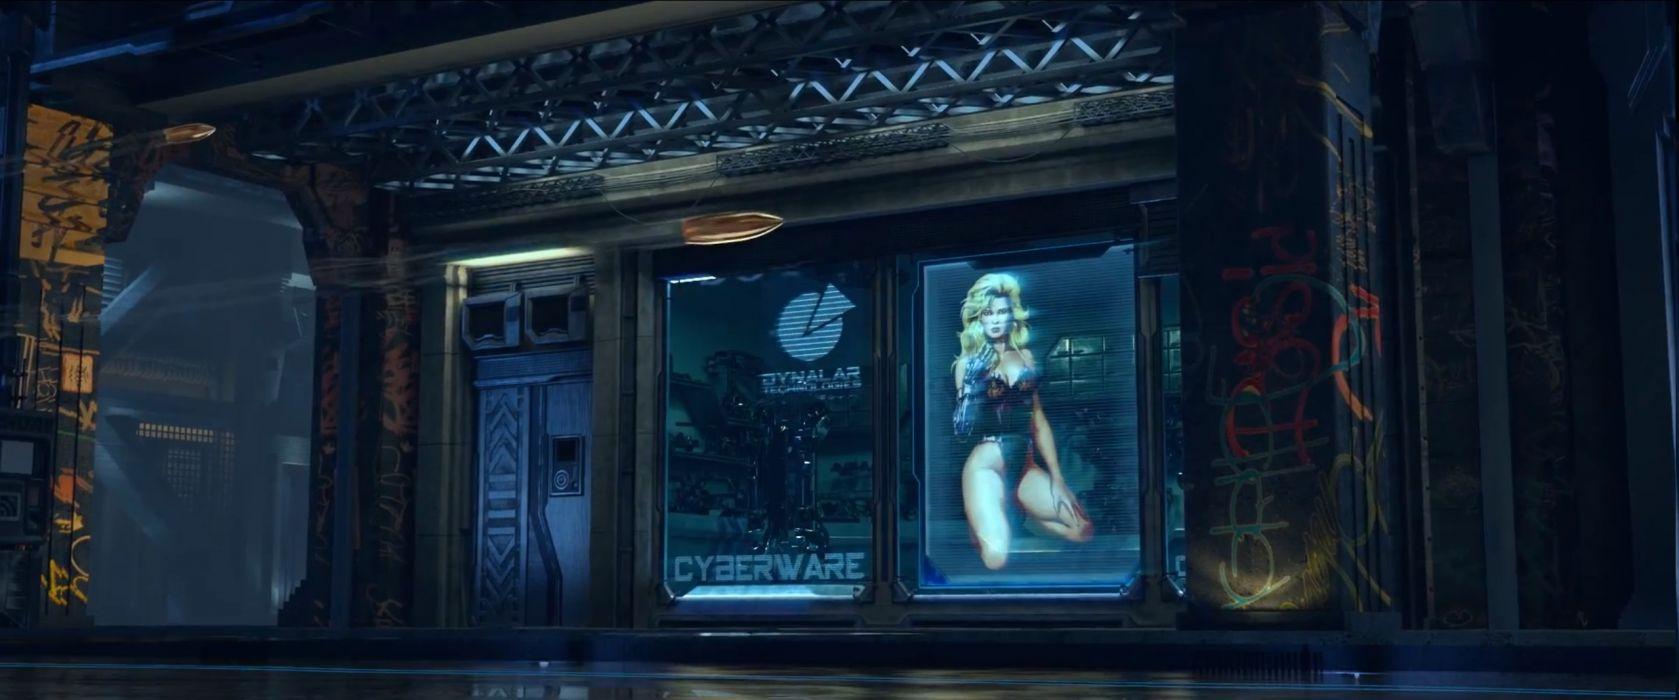 CYBERPUNK sci-fi game   f wallpaper